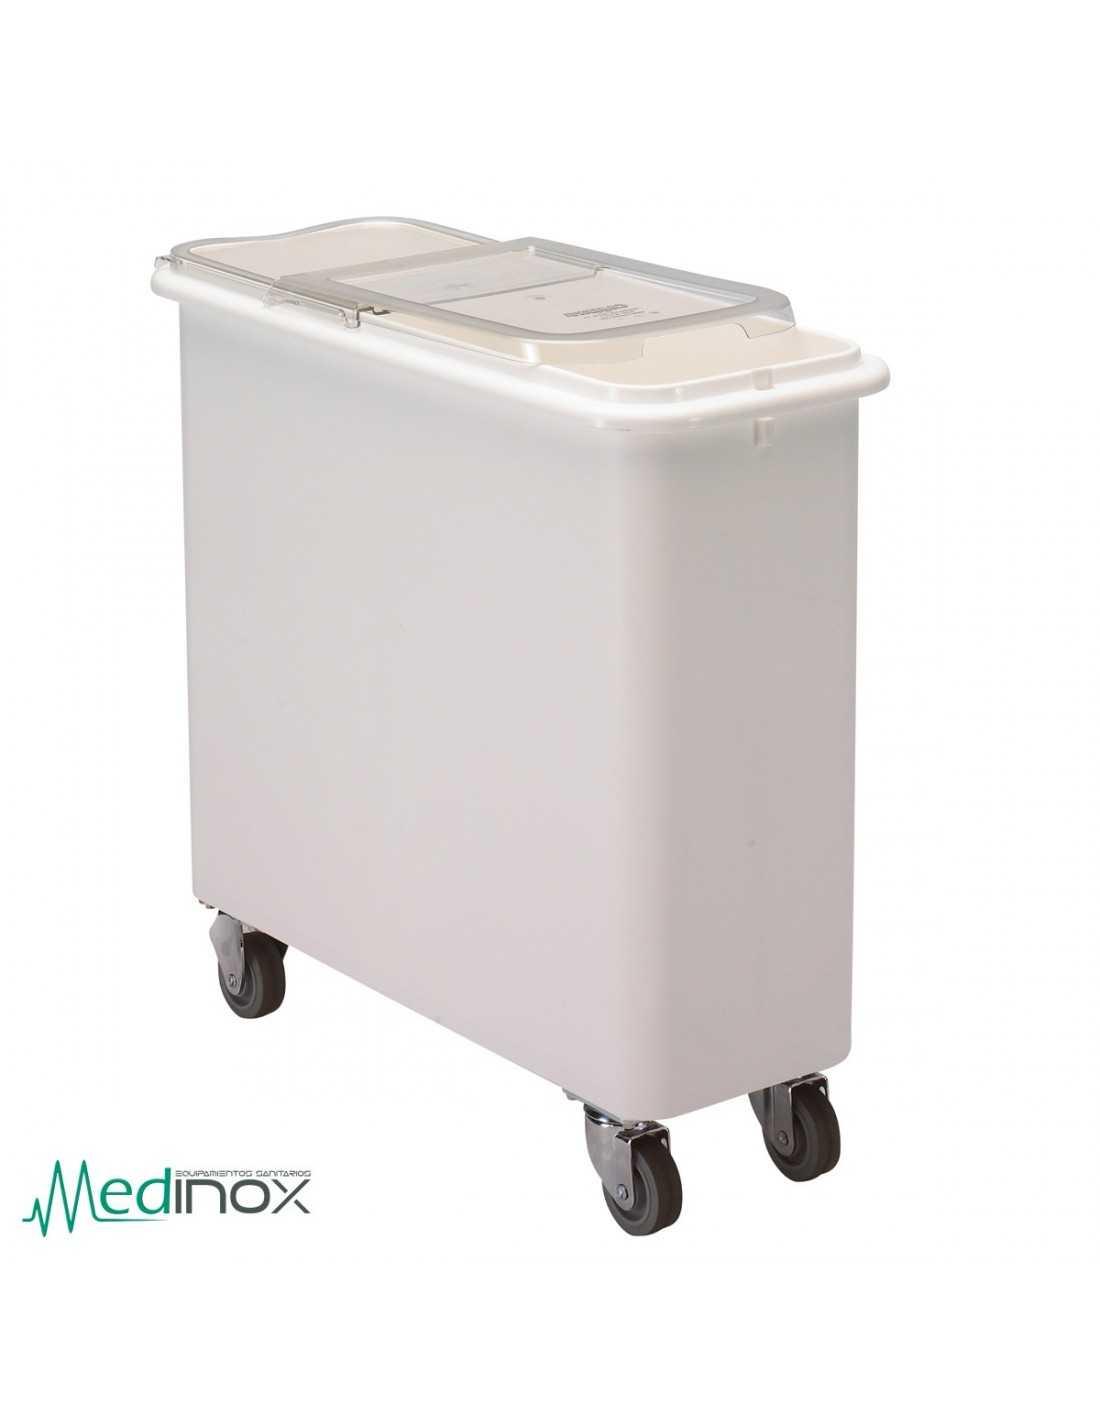 Cajas de almacenaje de plastico dmibsf27 con ruedas para - Caja de almacenaje ...